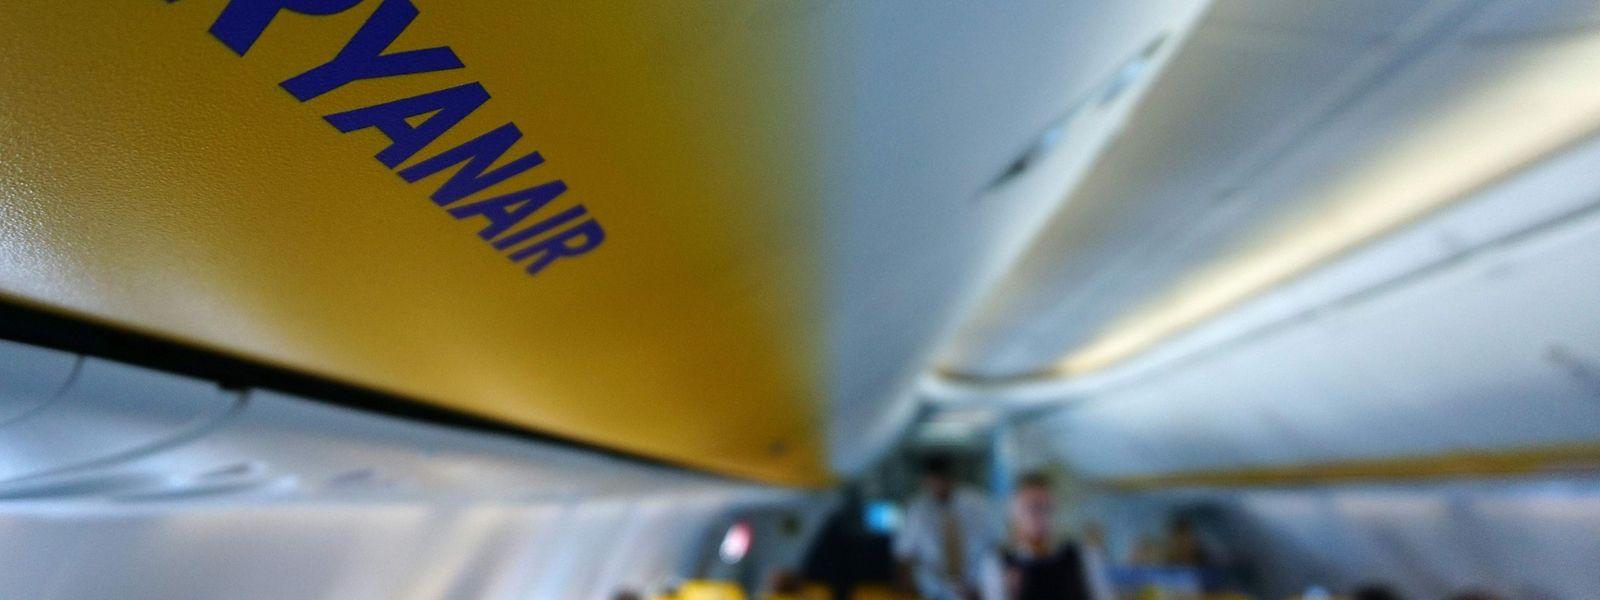 Von Ryanair gab es zunächst keine Reaktion zu dem Vorfall.